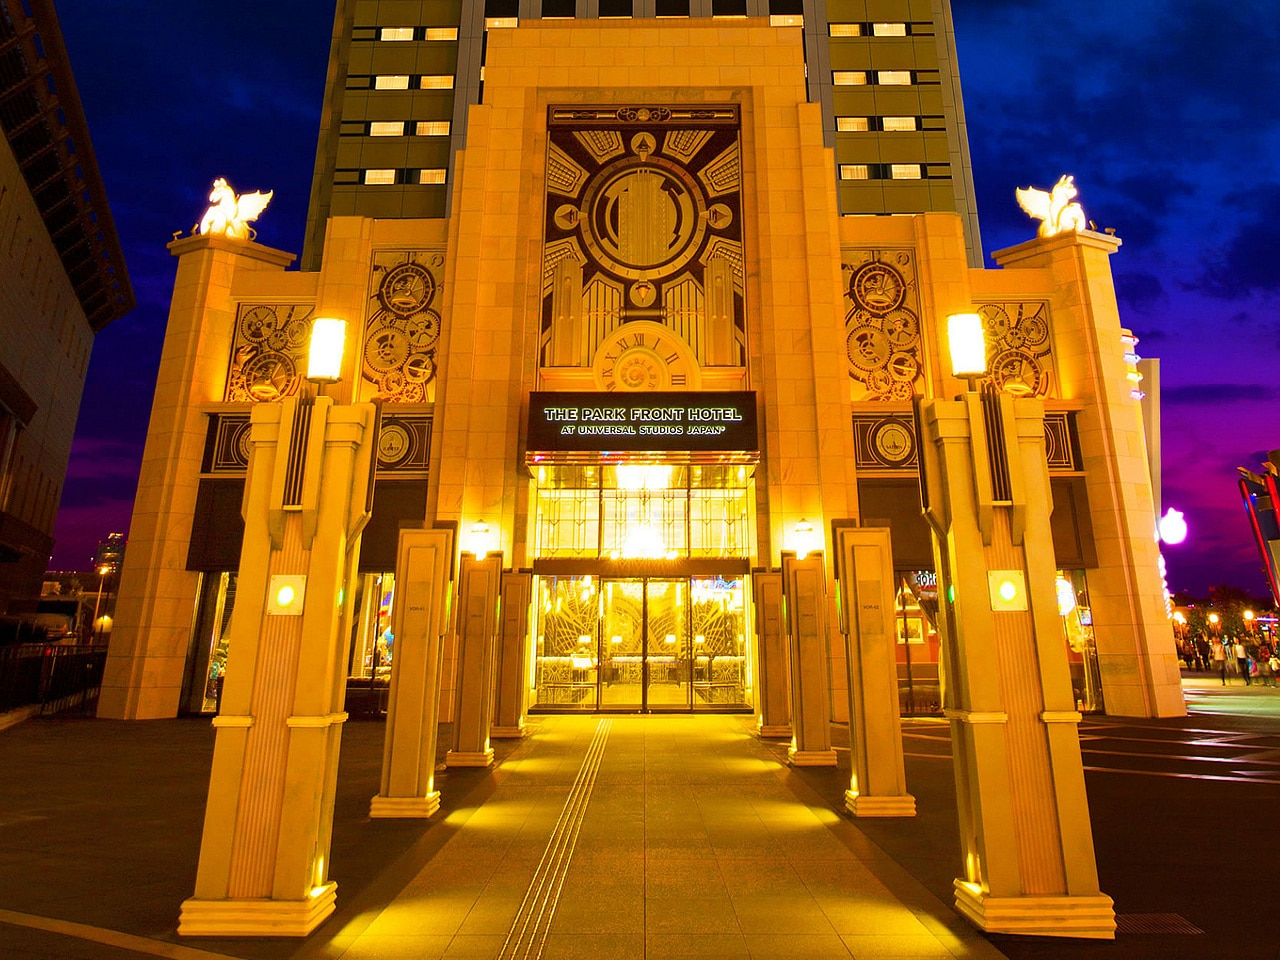 ザ パークフロントホテル アット ユニバーサル・スタジオ・ジャパン